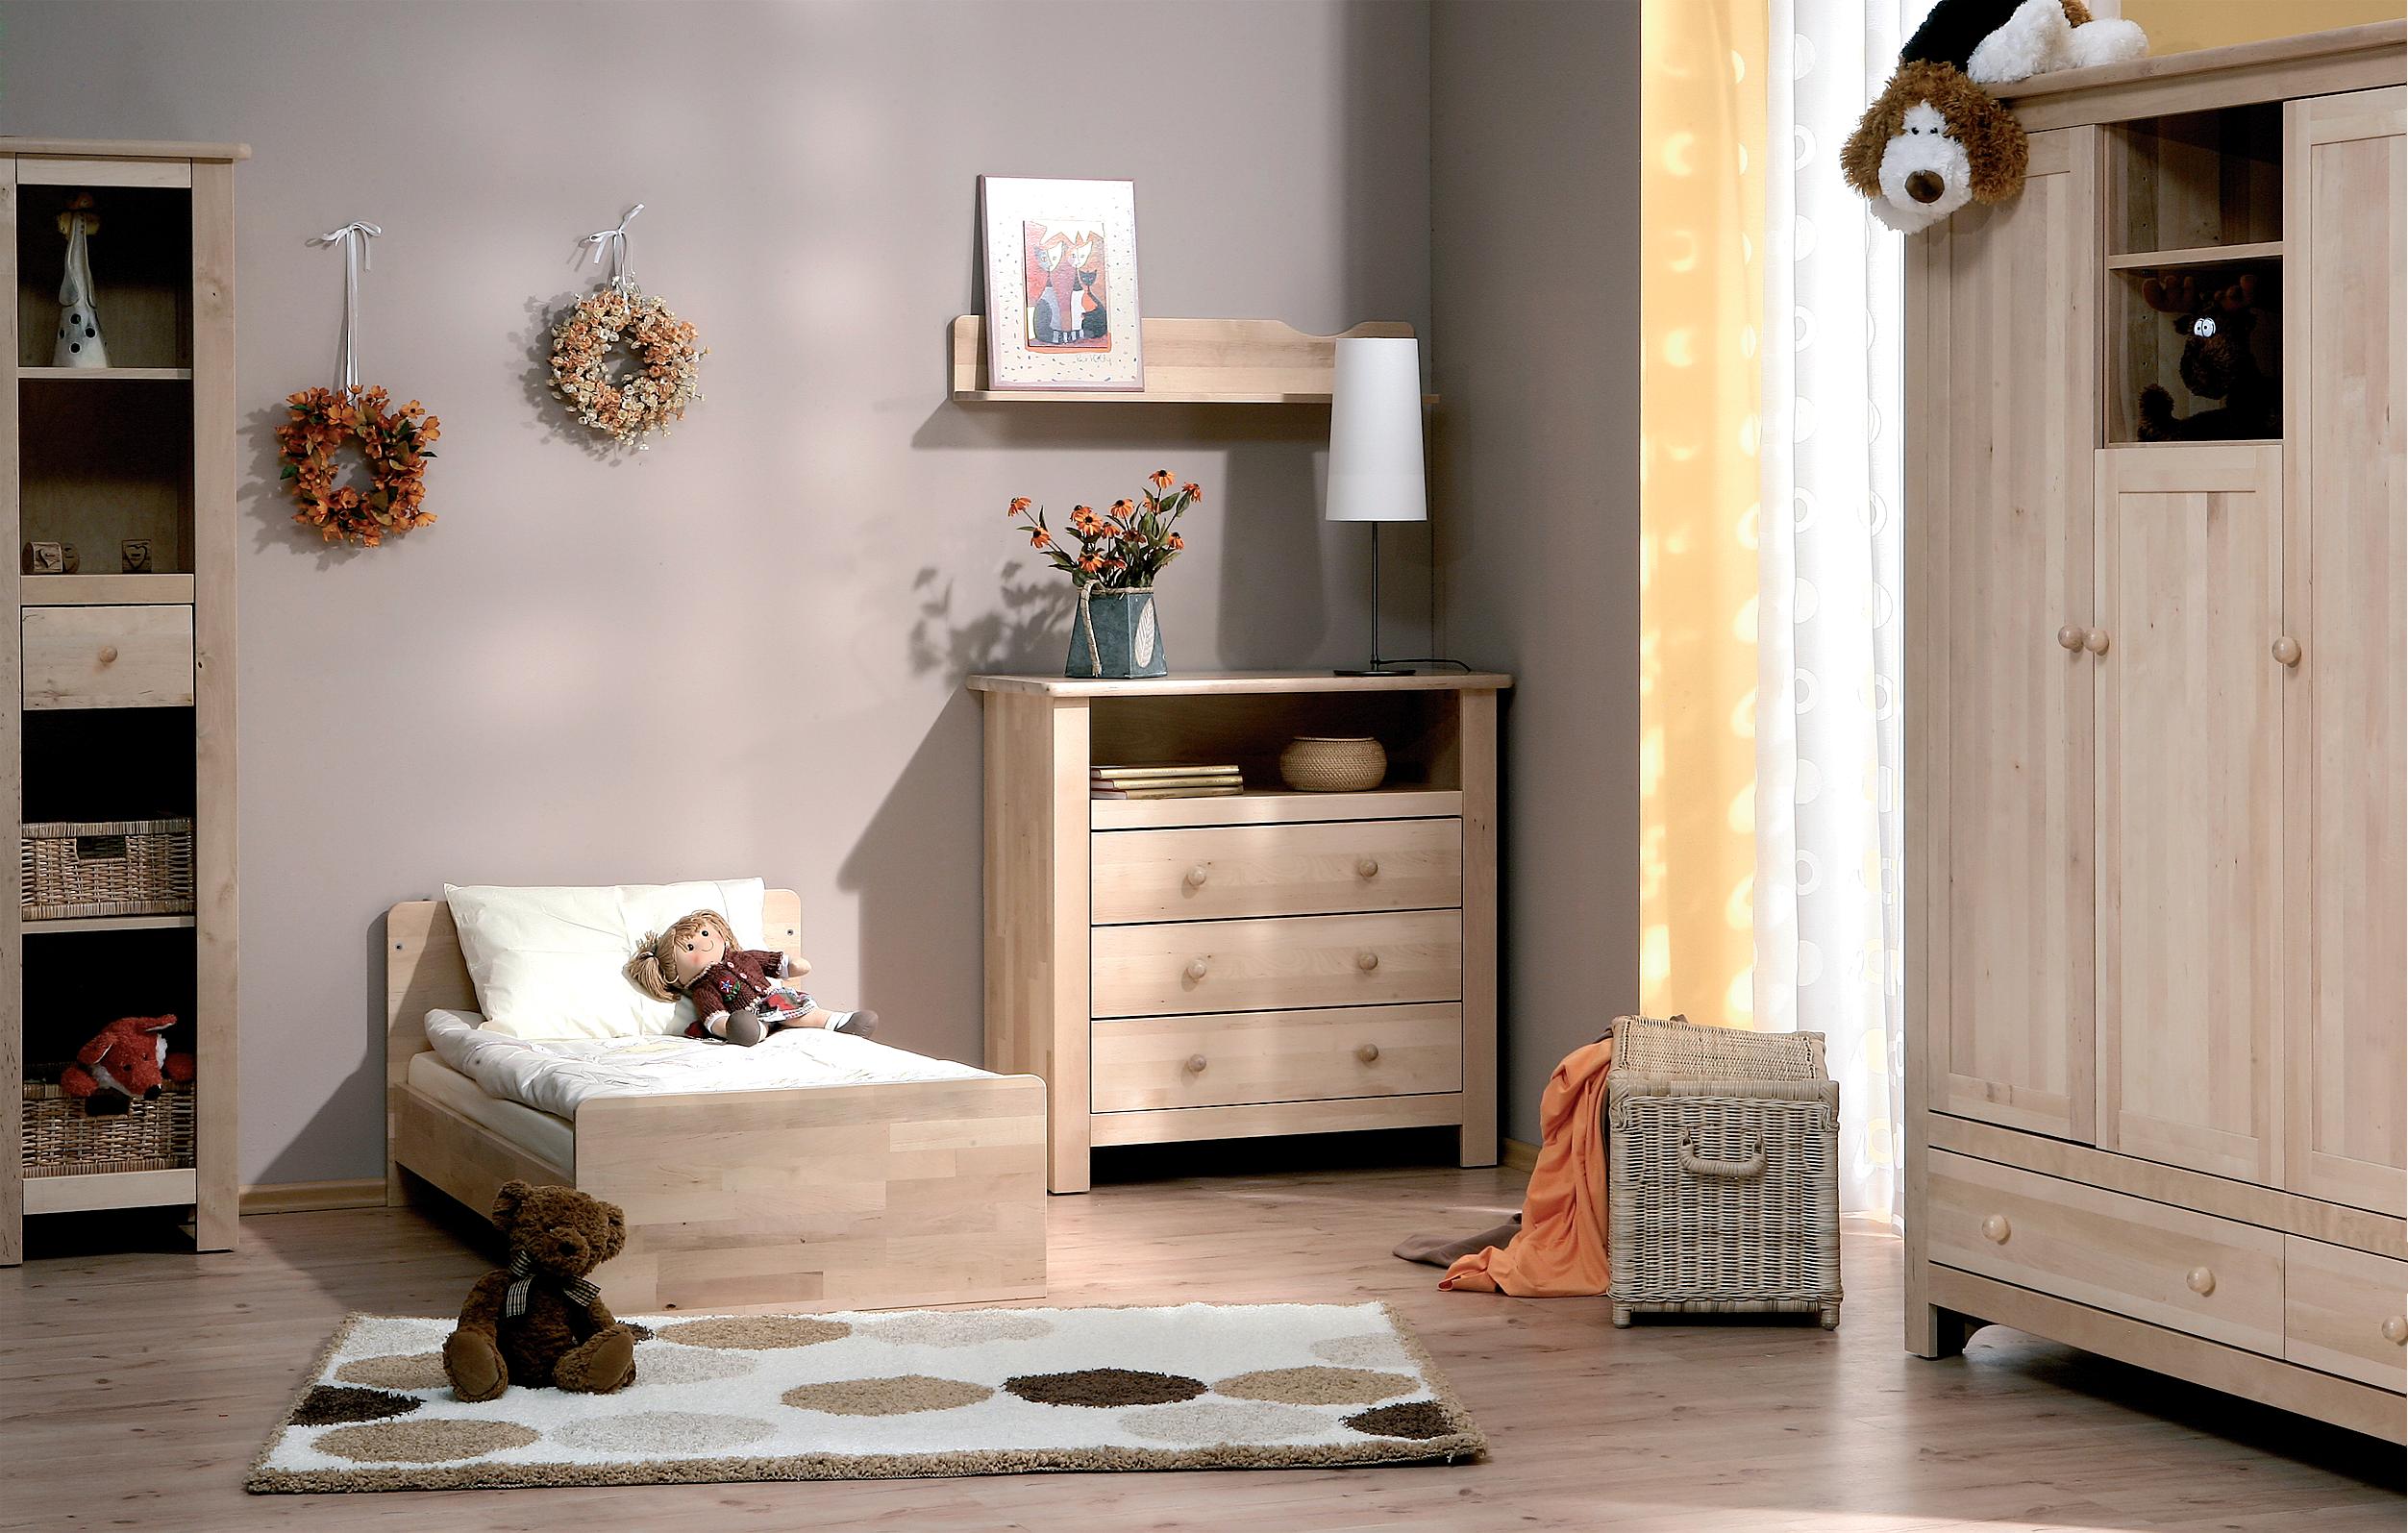 Mobilier Bois Massif Design Contemporain Pour Decoration Chambre ...